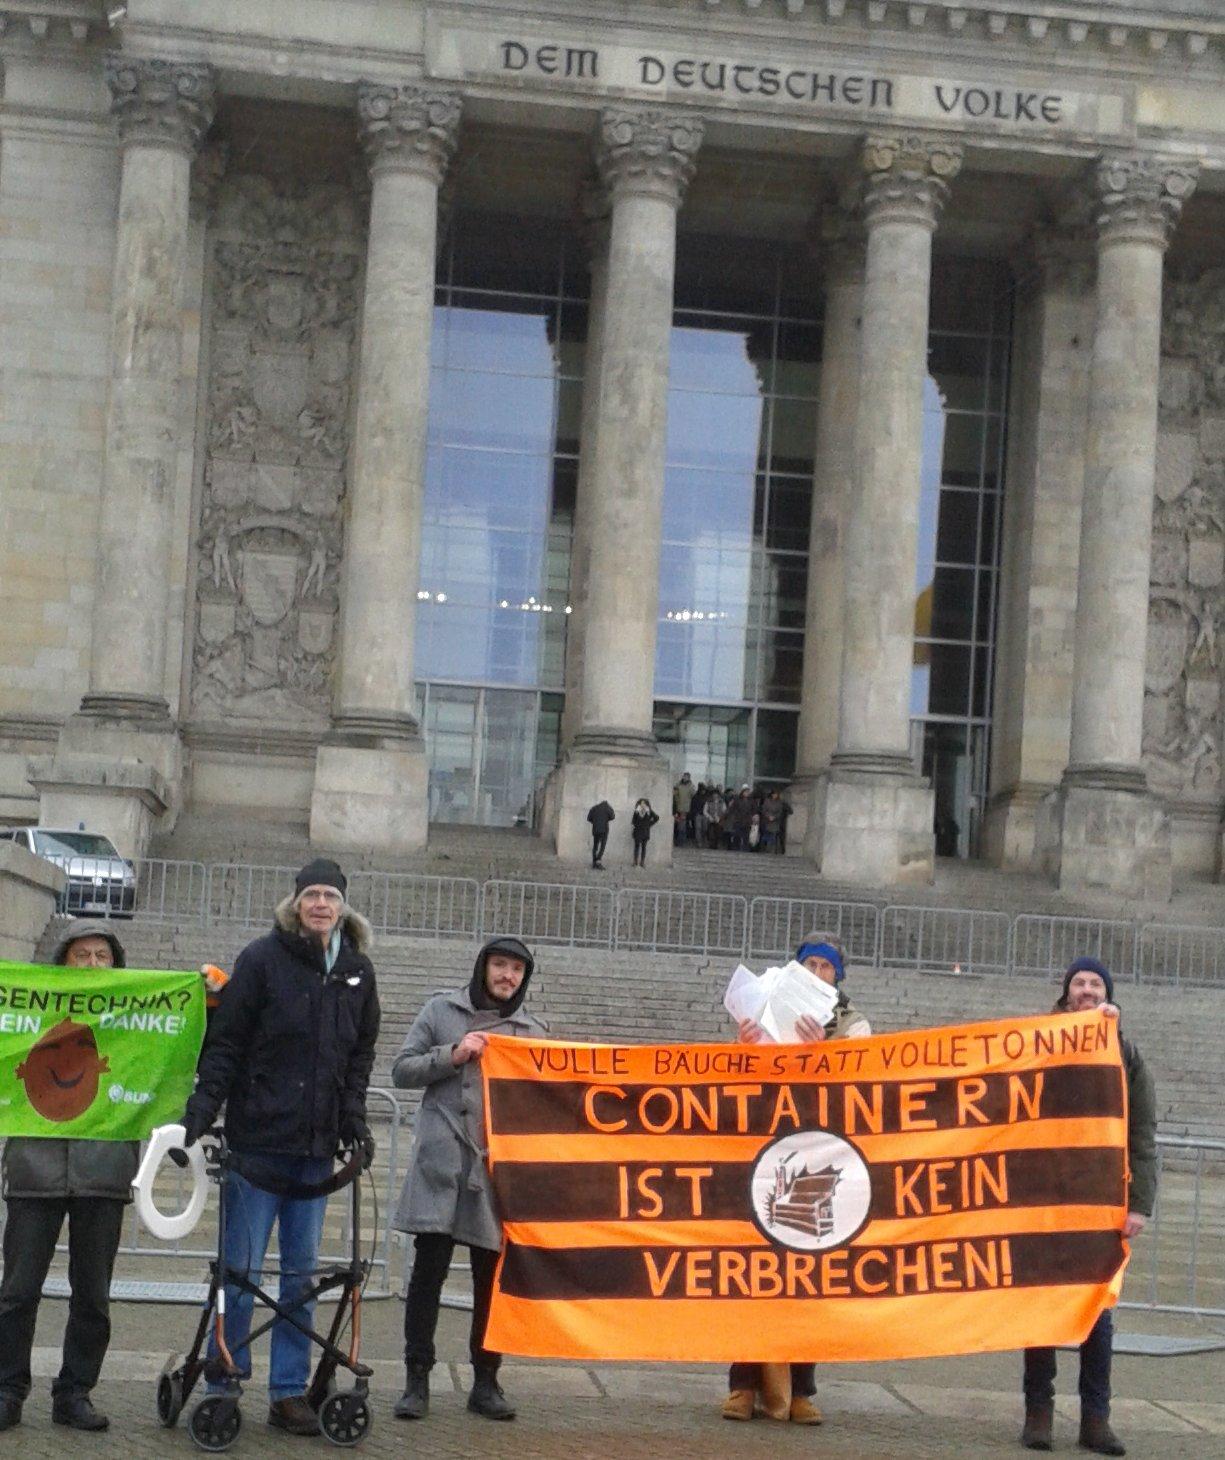 Am 20.1.2018 vor dem Reichstag